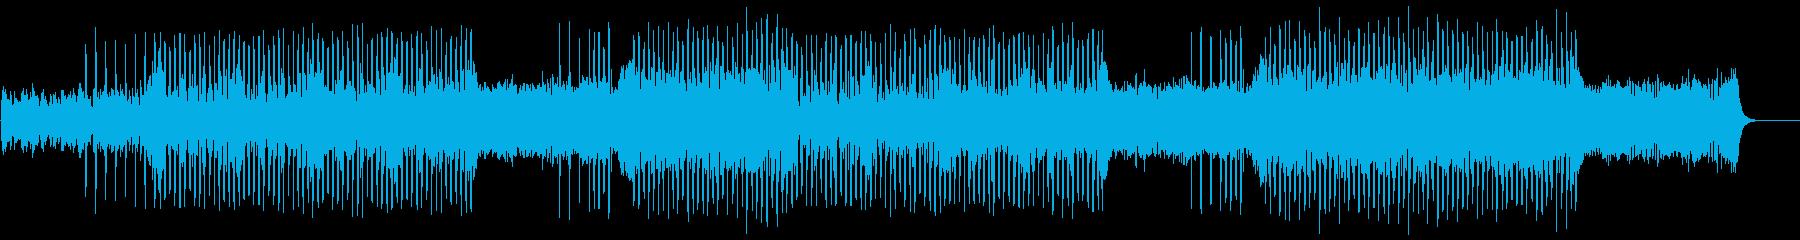 バイオリン・シティポップ風ジングルの再生済みの波形